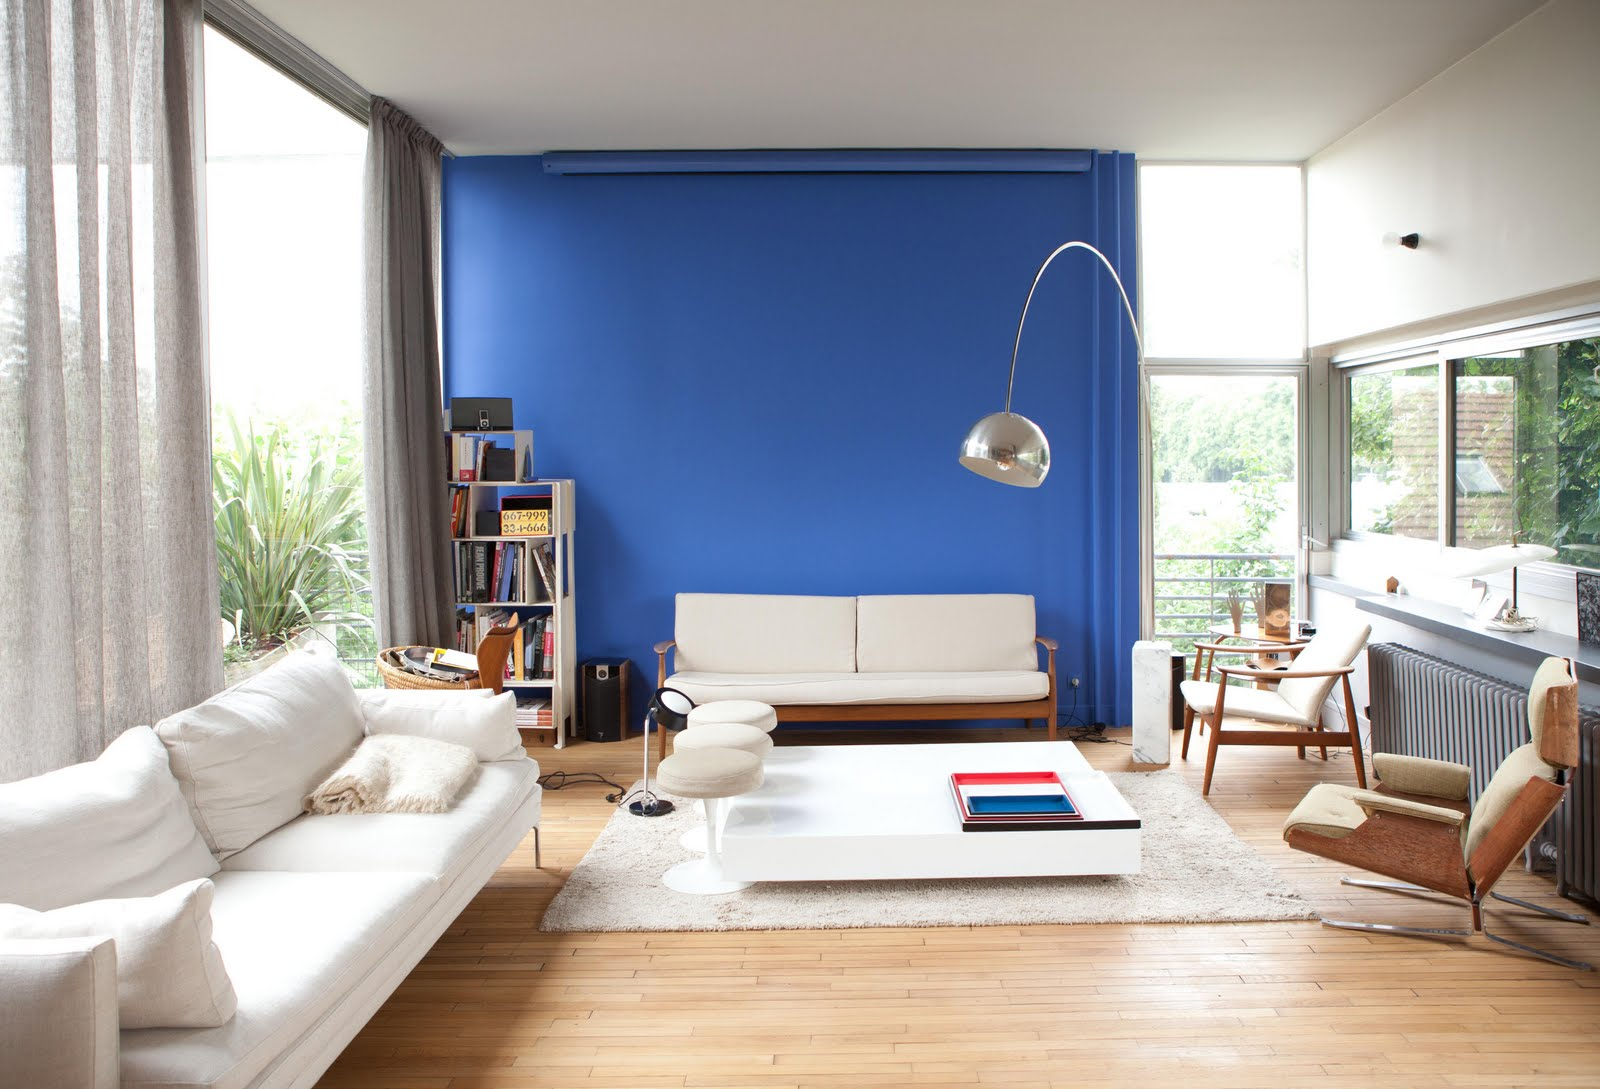 Aur lie berthet 2010 r amenagement d 39 un appartement le corbusier - Appartement le corbusier ...